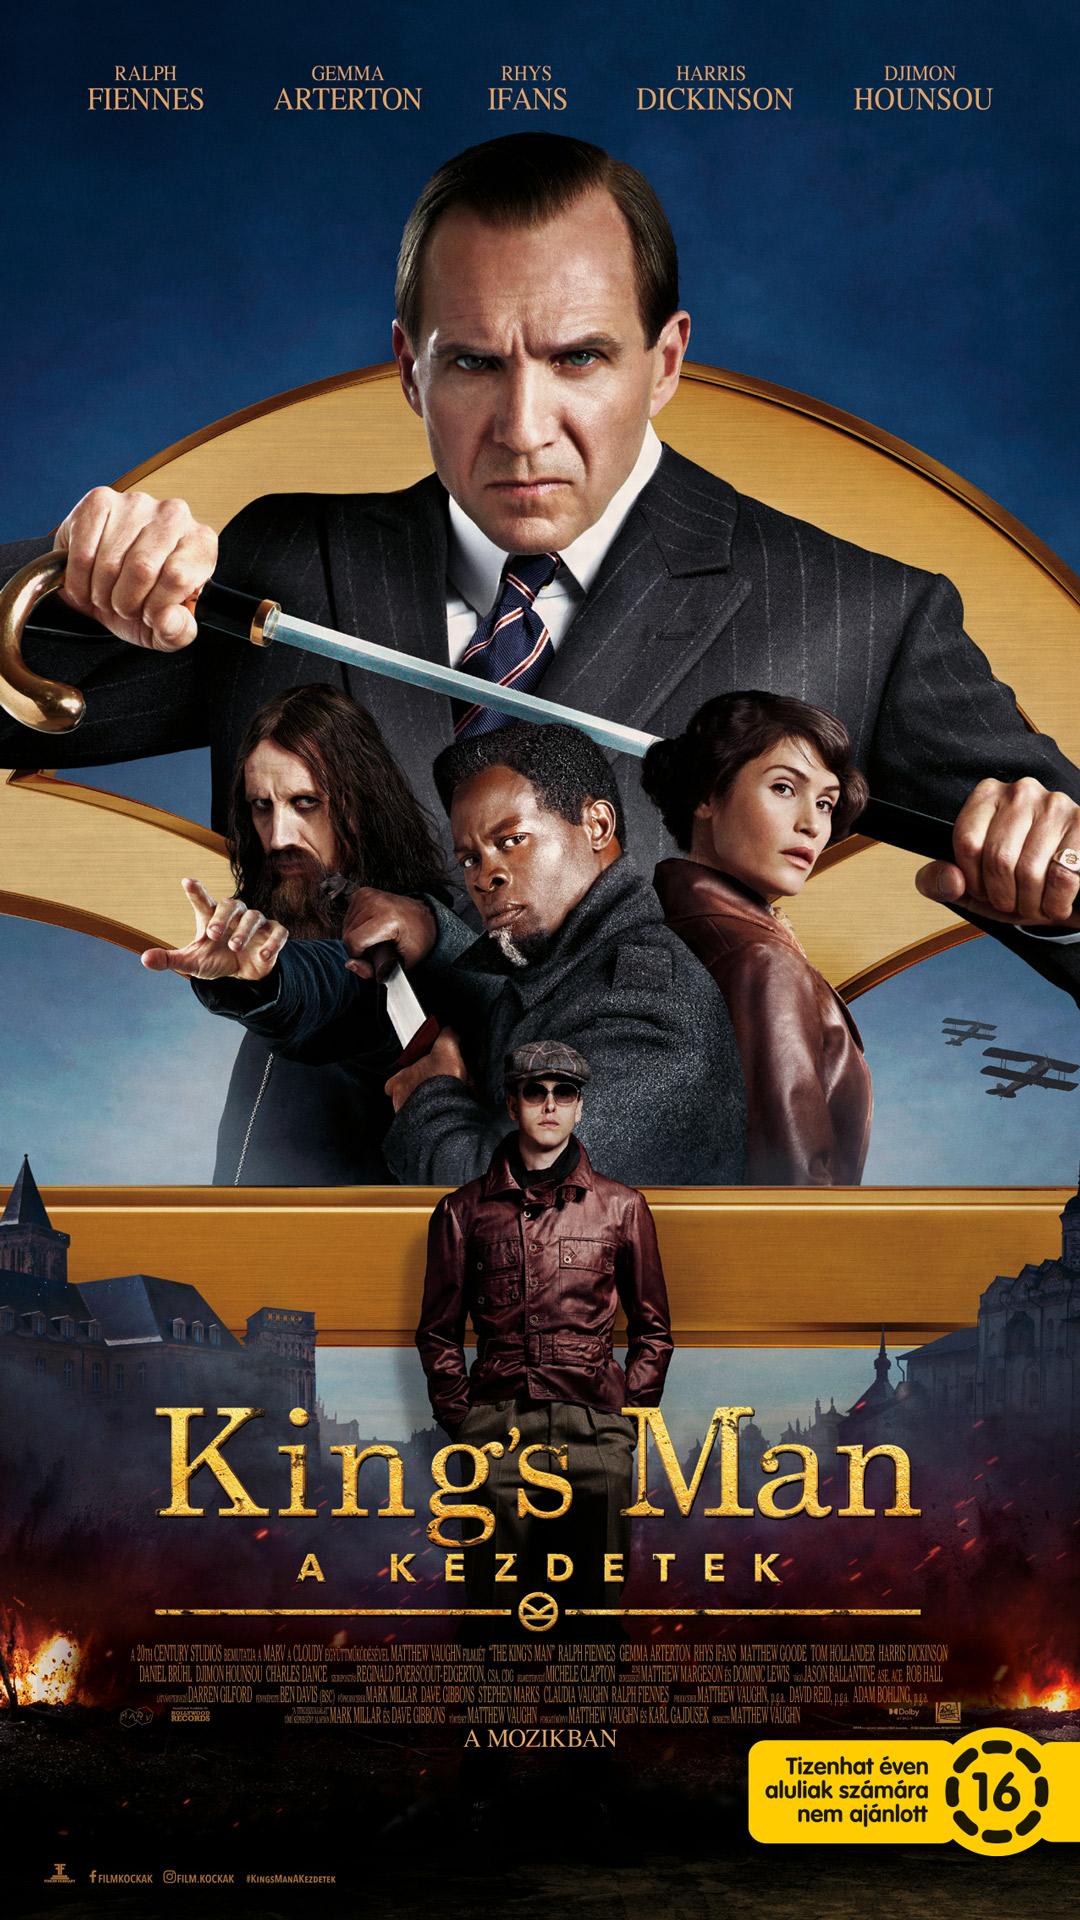 King's Man - A kezdetek előzetes